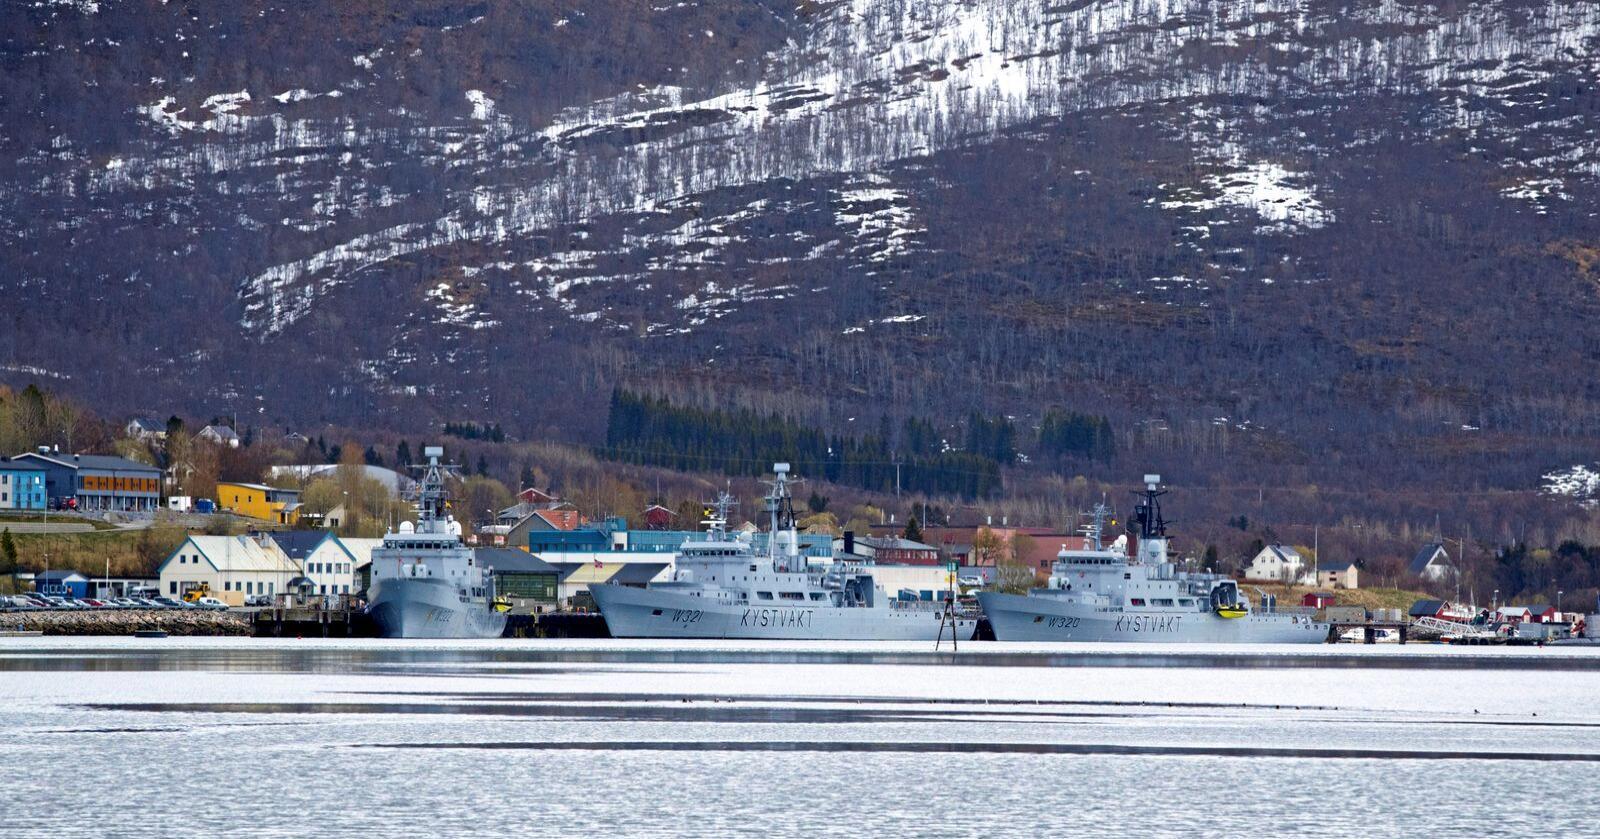 Forsvar: Vi må ha reell kontroll i kystsonen, skriver innsenderen. Foto: Heiko Junge / NTB scanpix